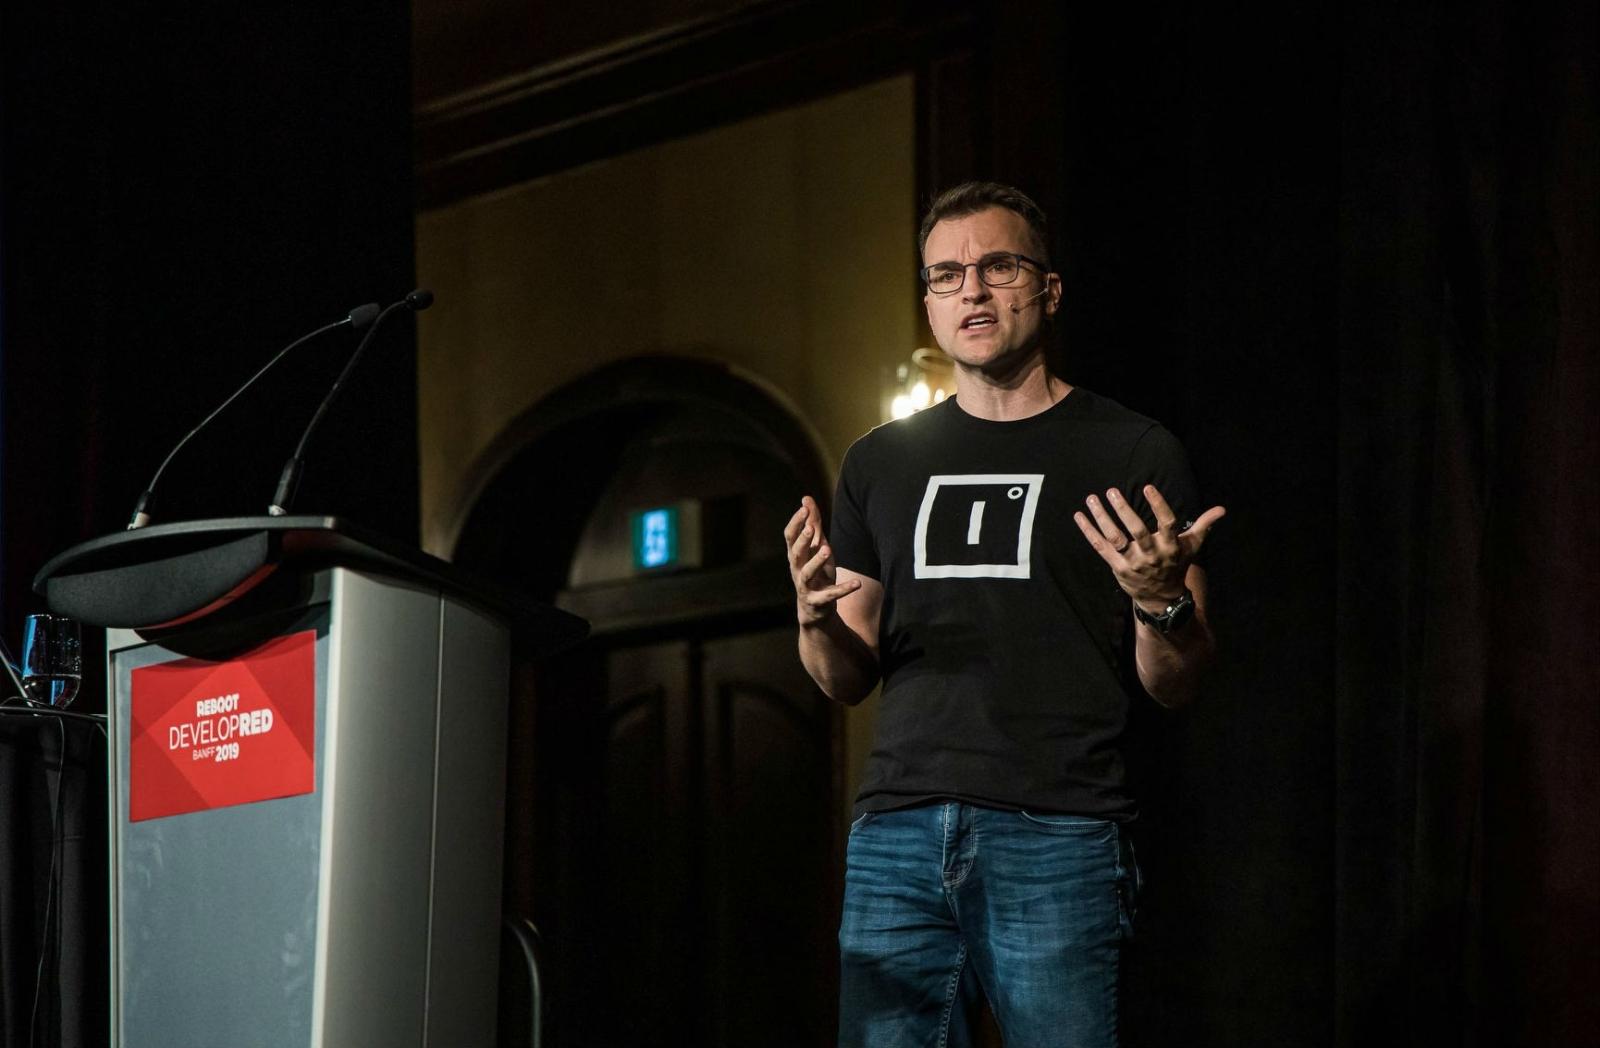 Бывший руководитель BioWare рассказал о сложностях работы с Frostbite